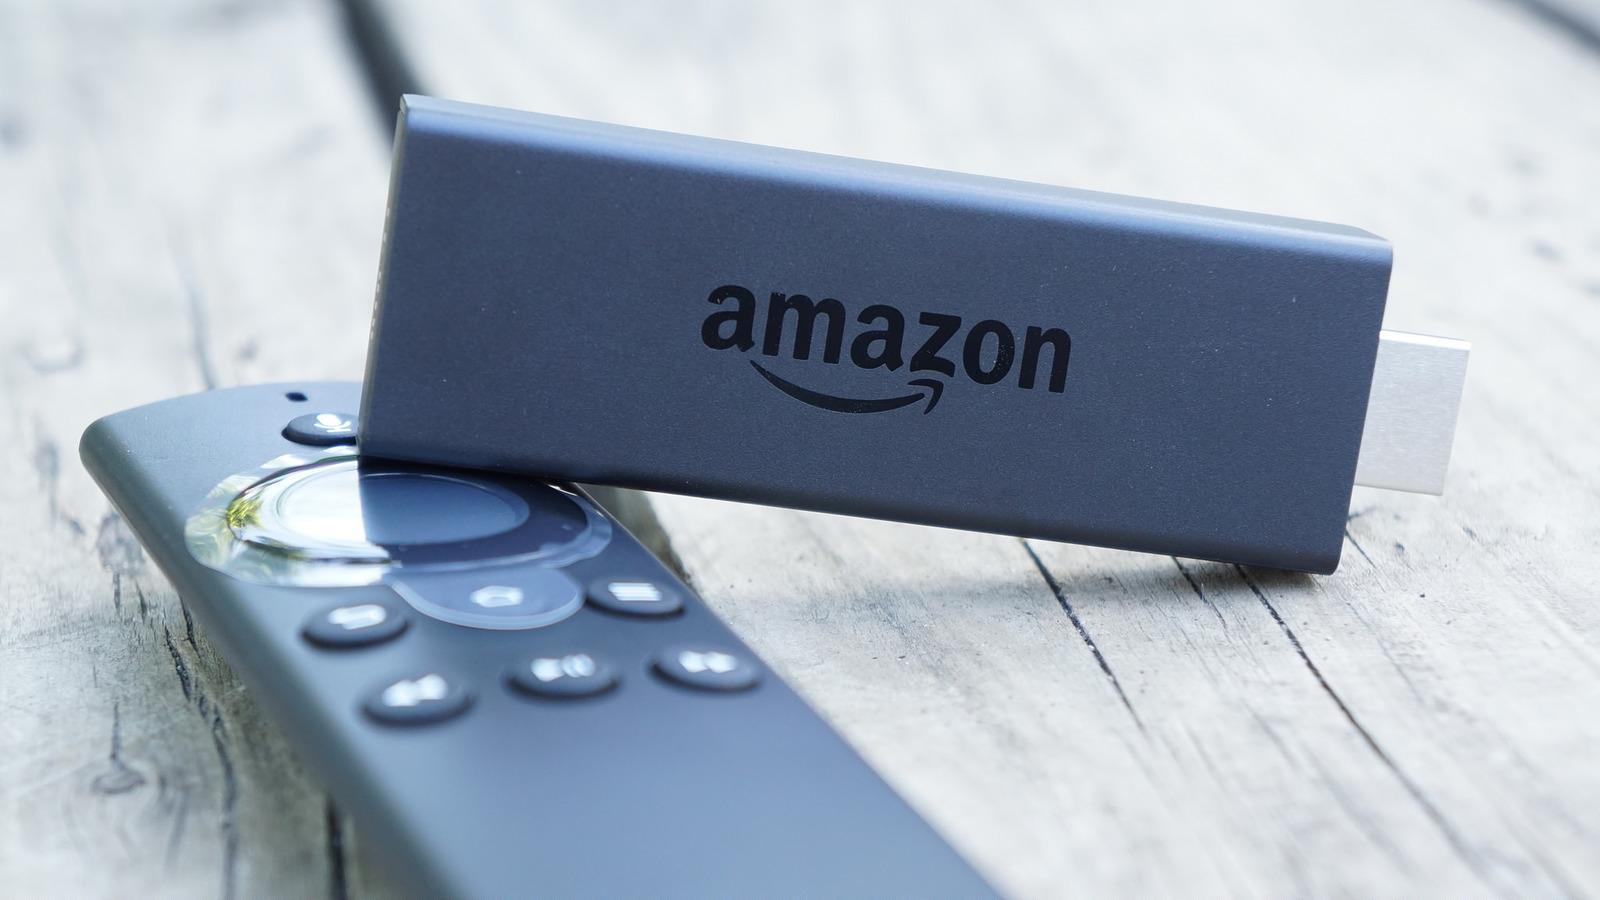 過去最安値、プライムビデオも大画面で見れる「Amazon Fire TV」が3,000円オフに